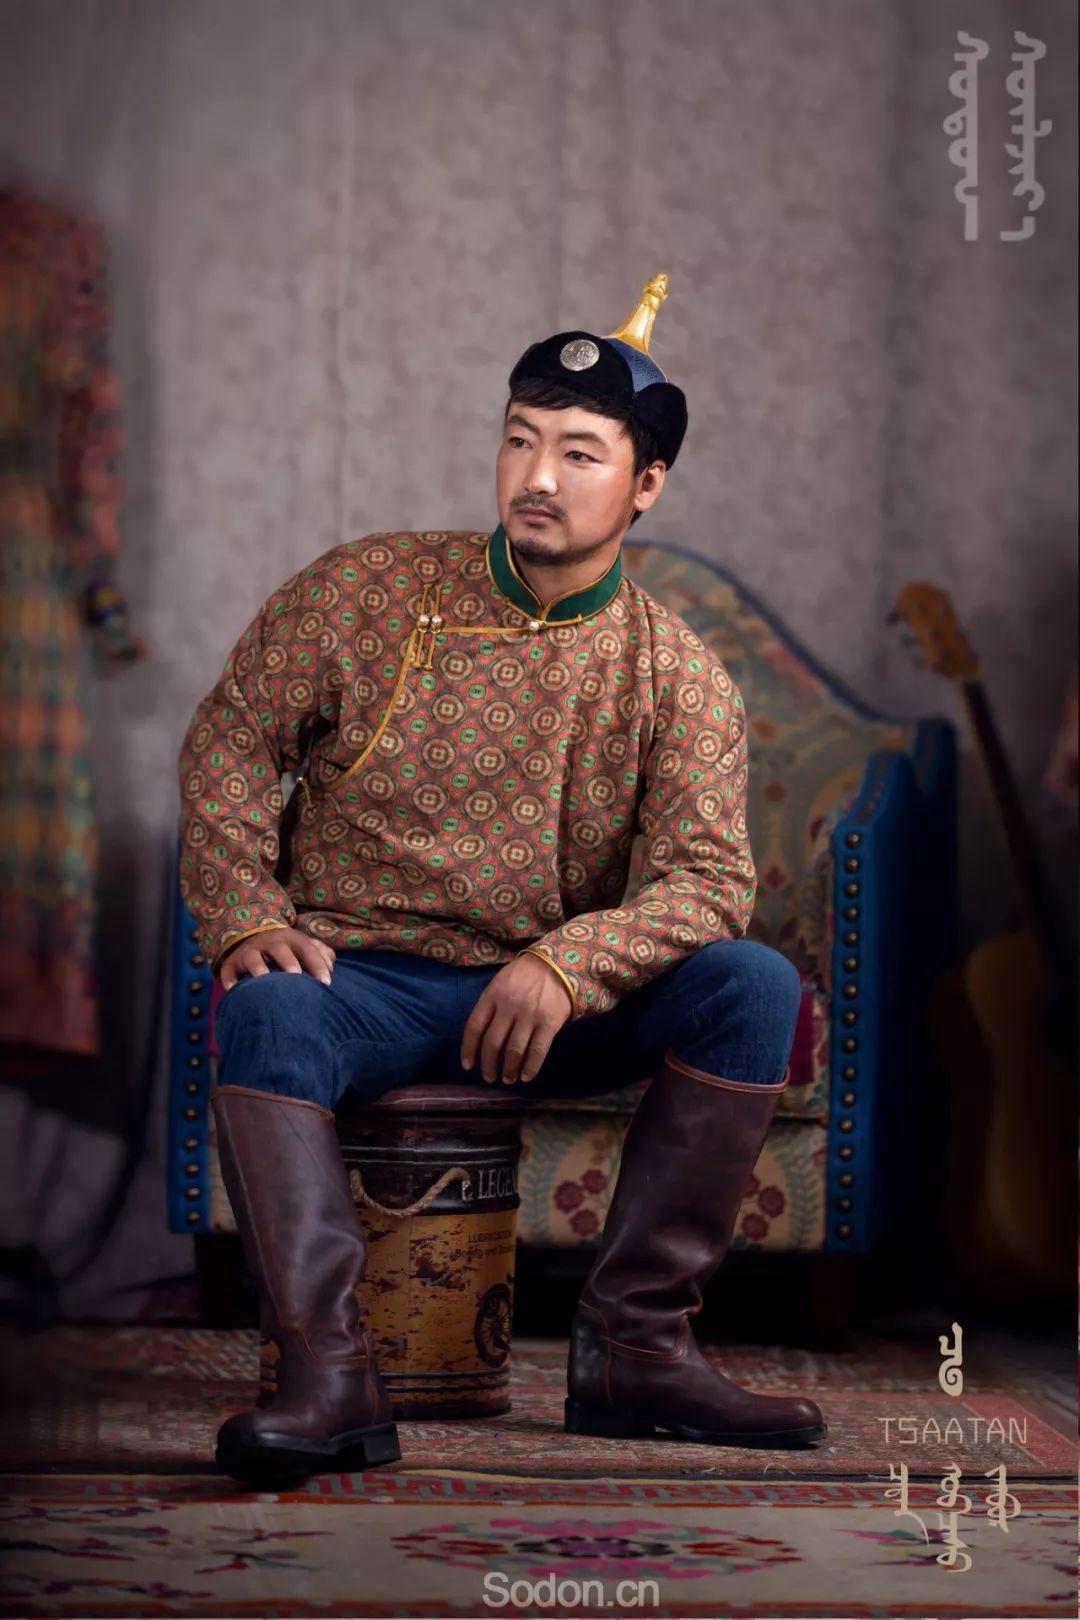 TSAATAN蒙古时装 2019新款,来自驯鹿人的独特魅力! 第14张